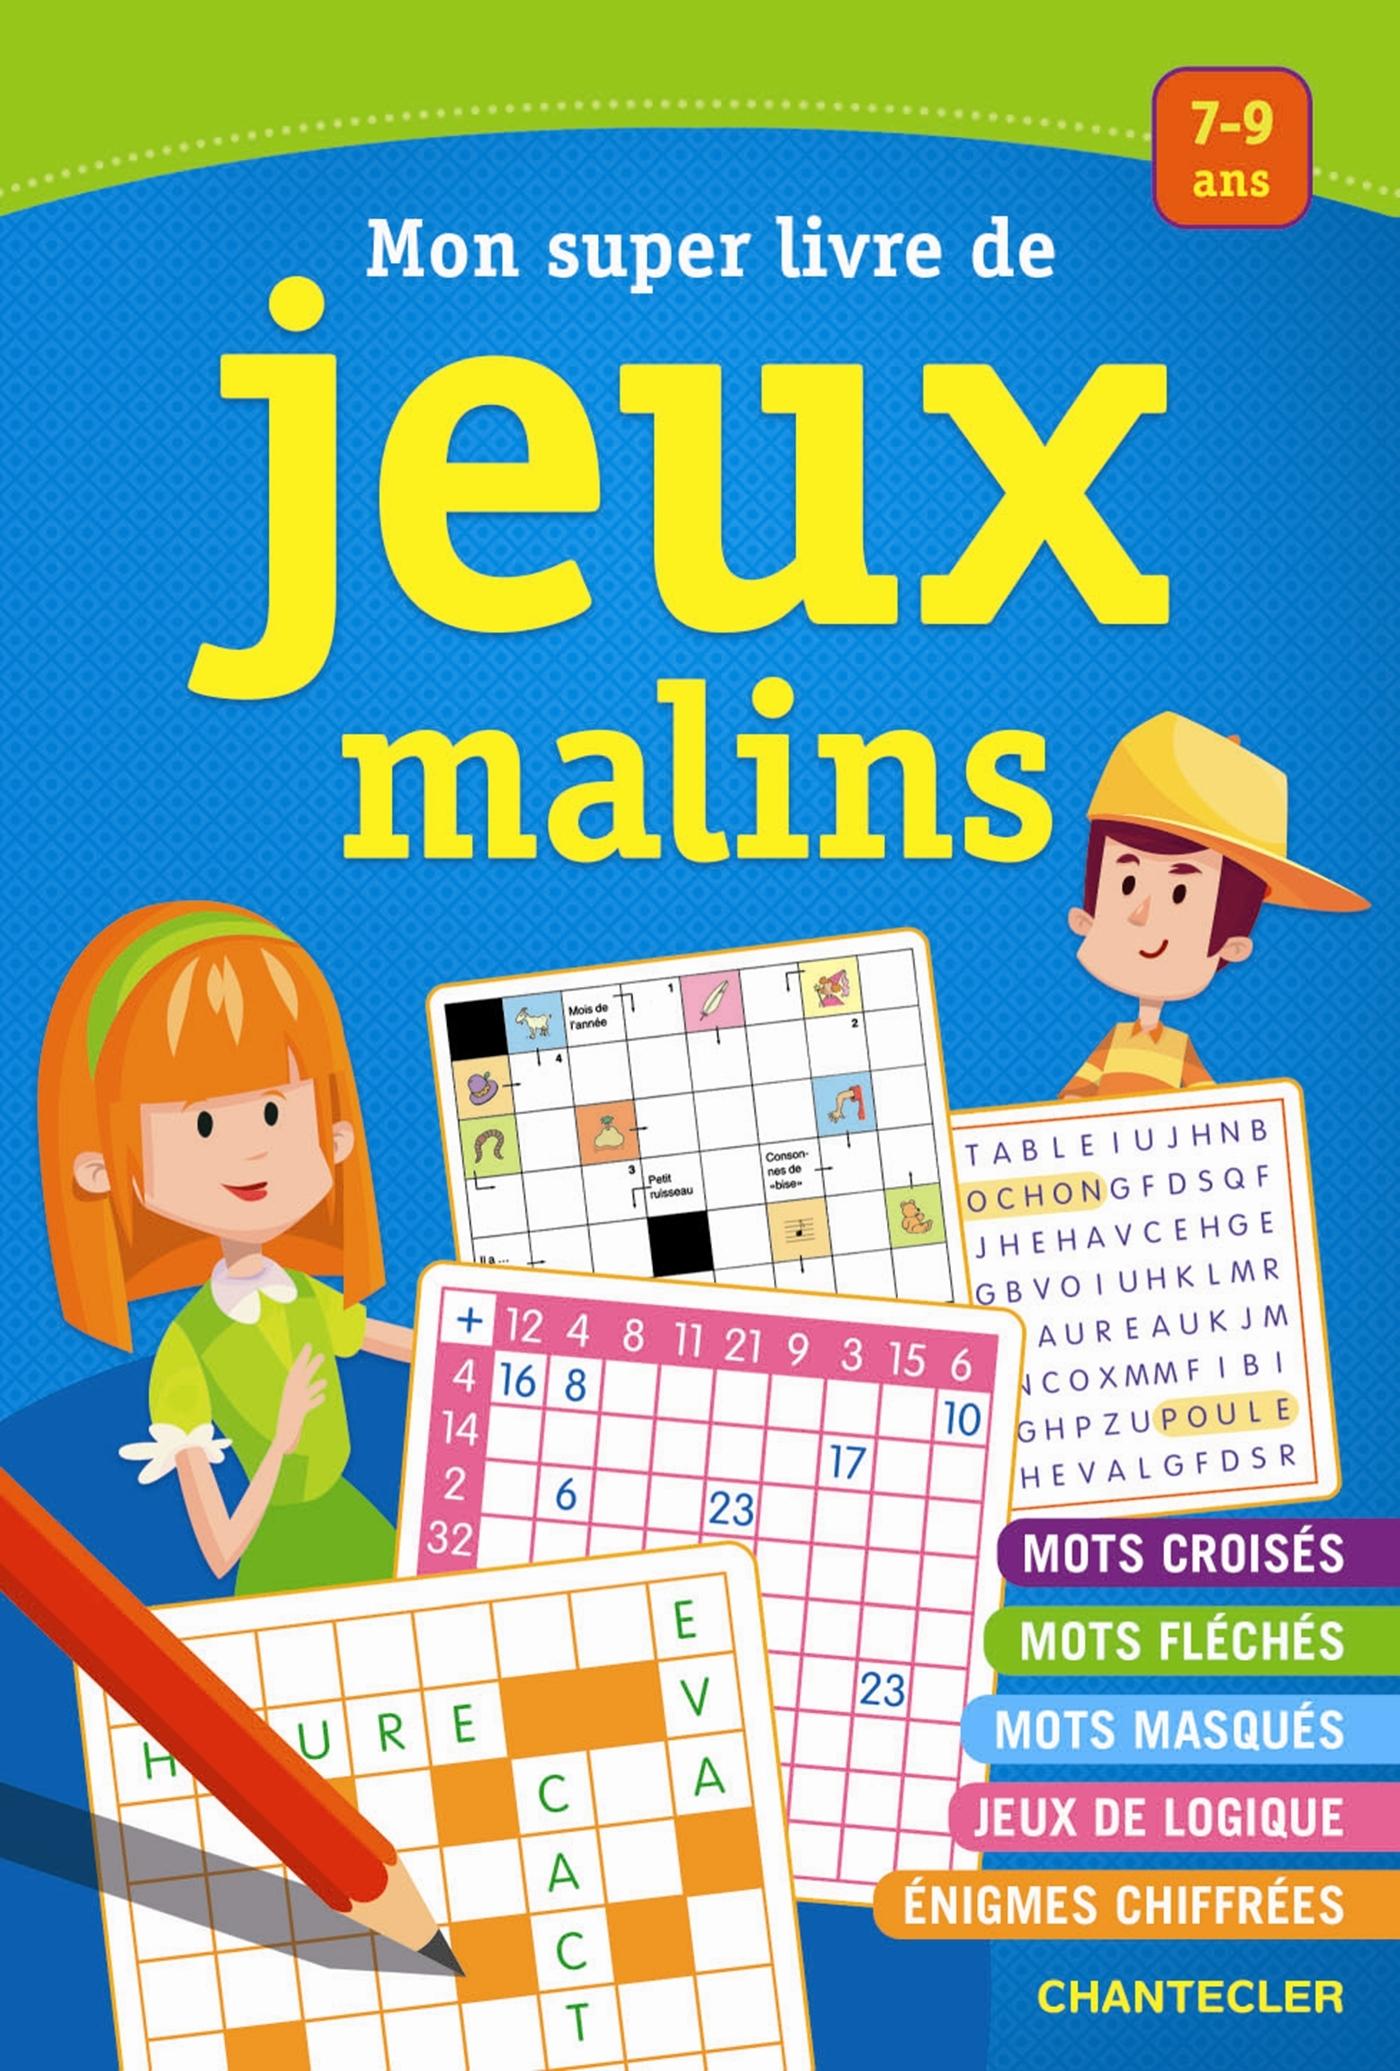 MON SUPER LIVRE DE JEUX MALINS (7-9 ANS)